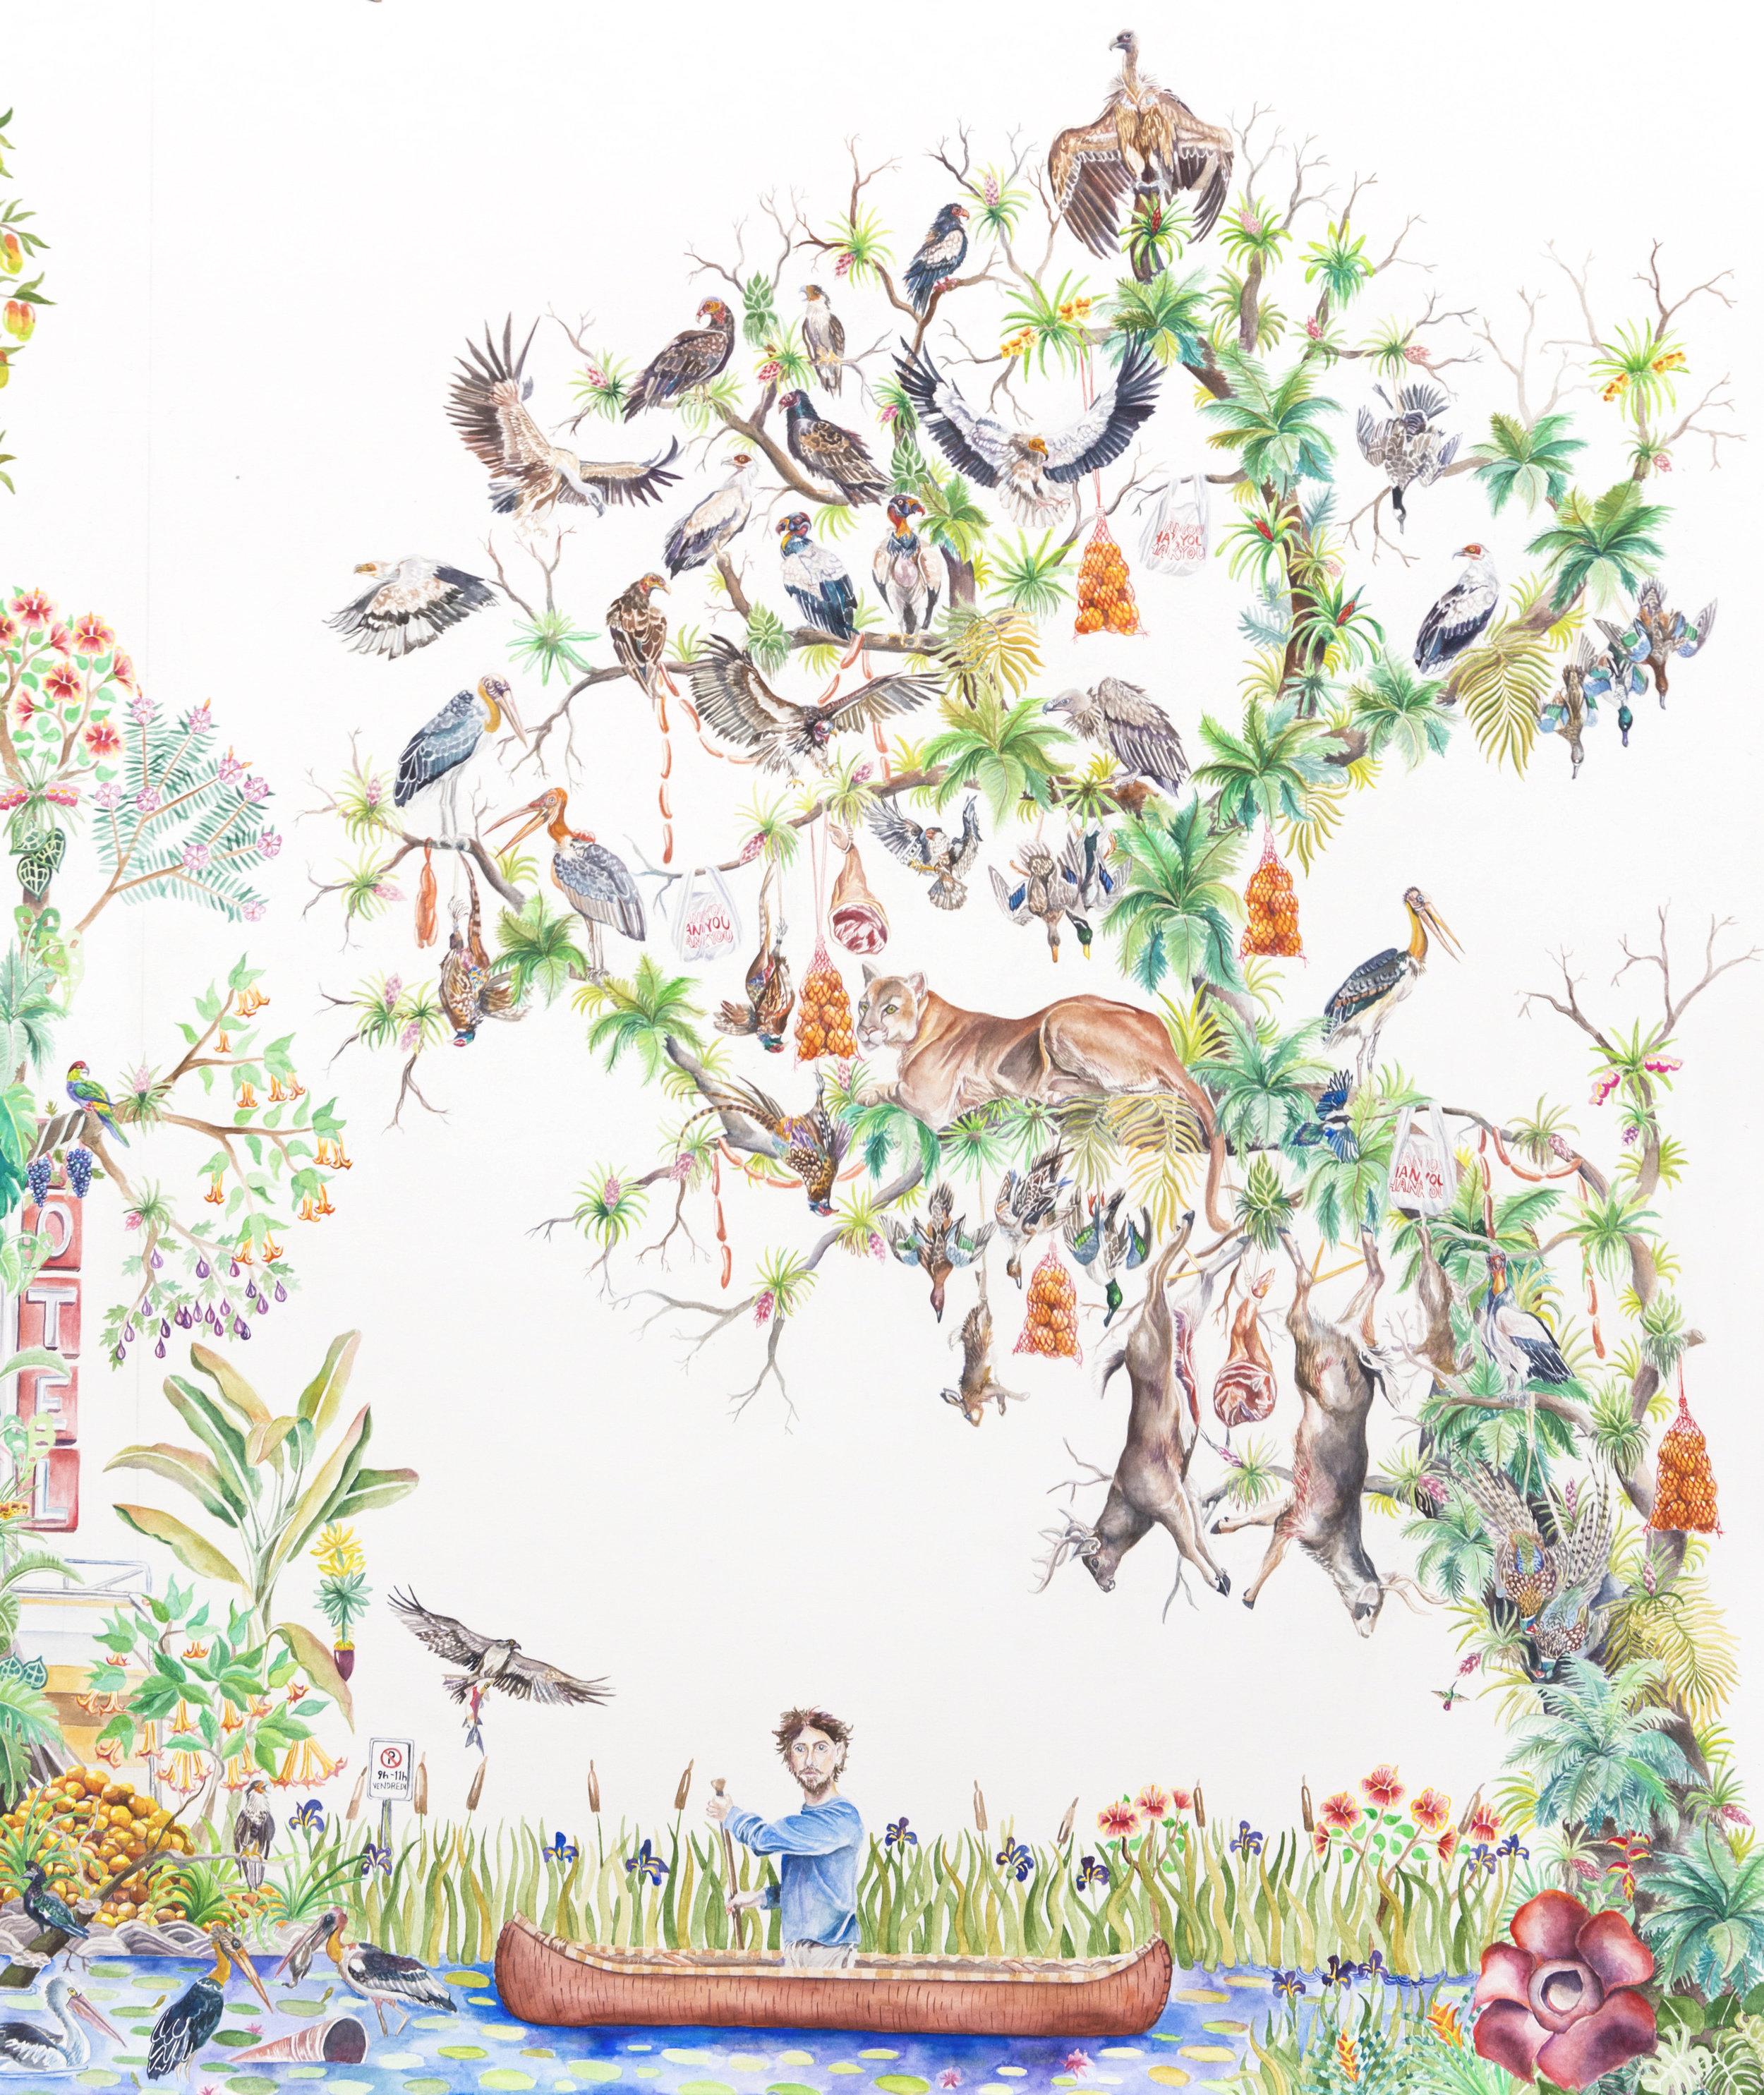 Strange New Eden (detail view, right panel)